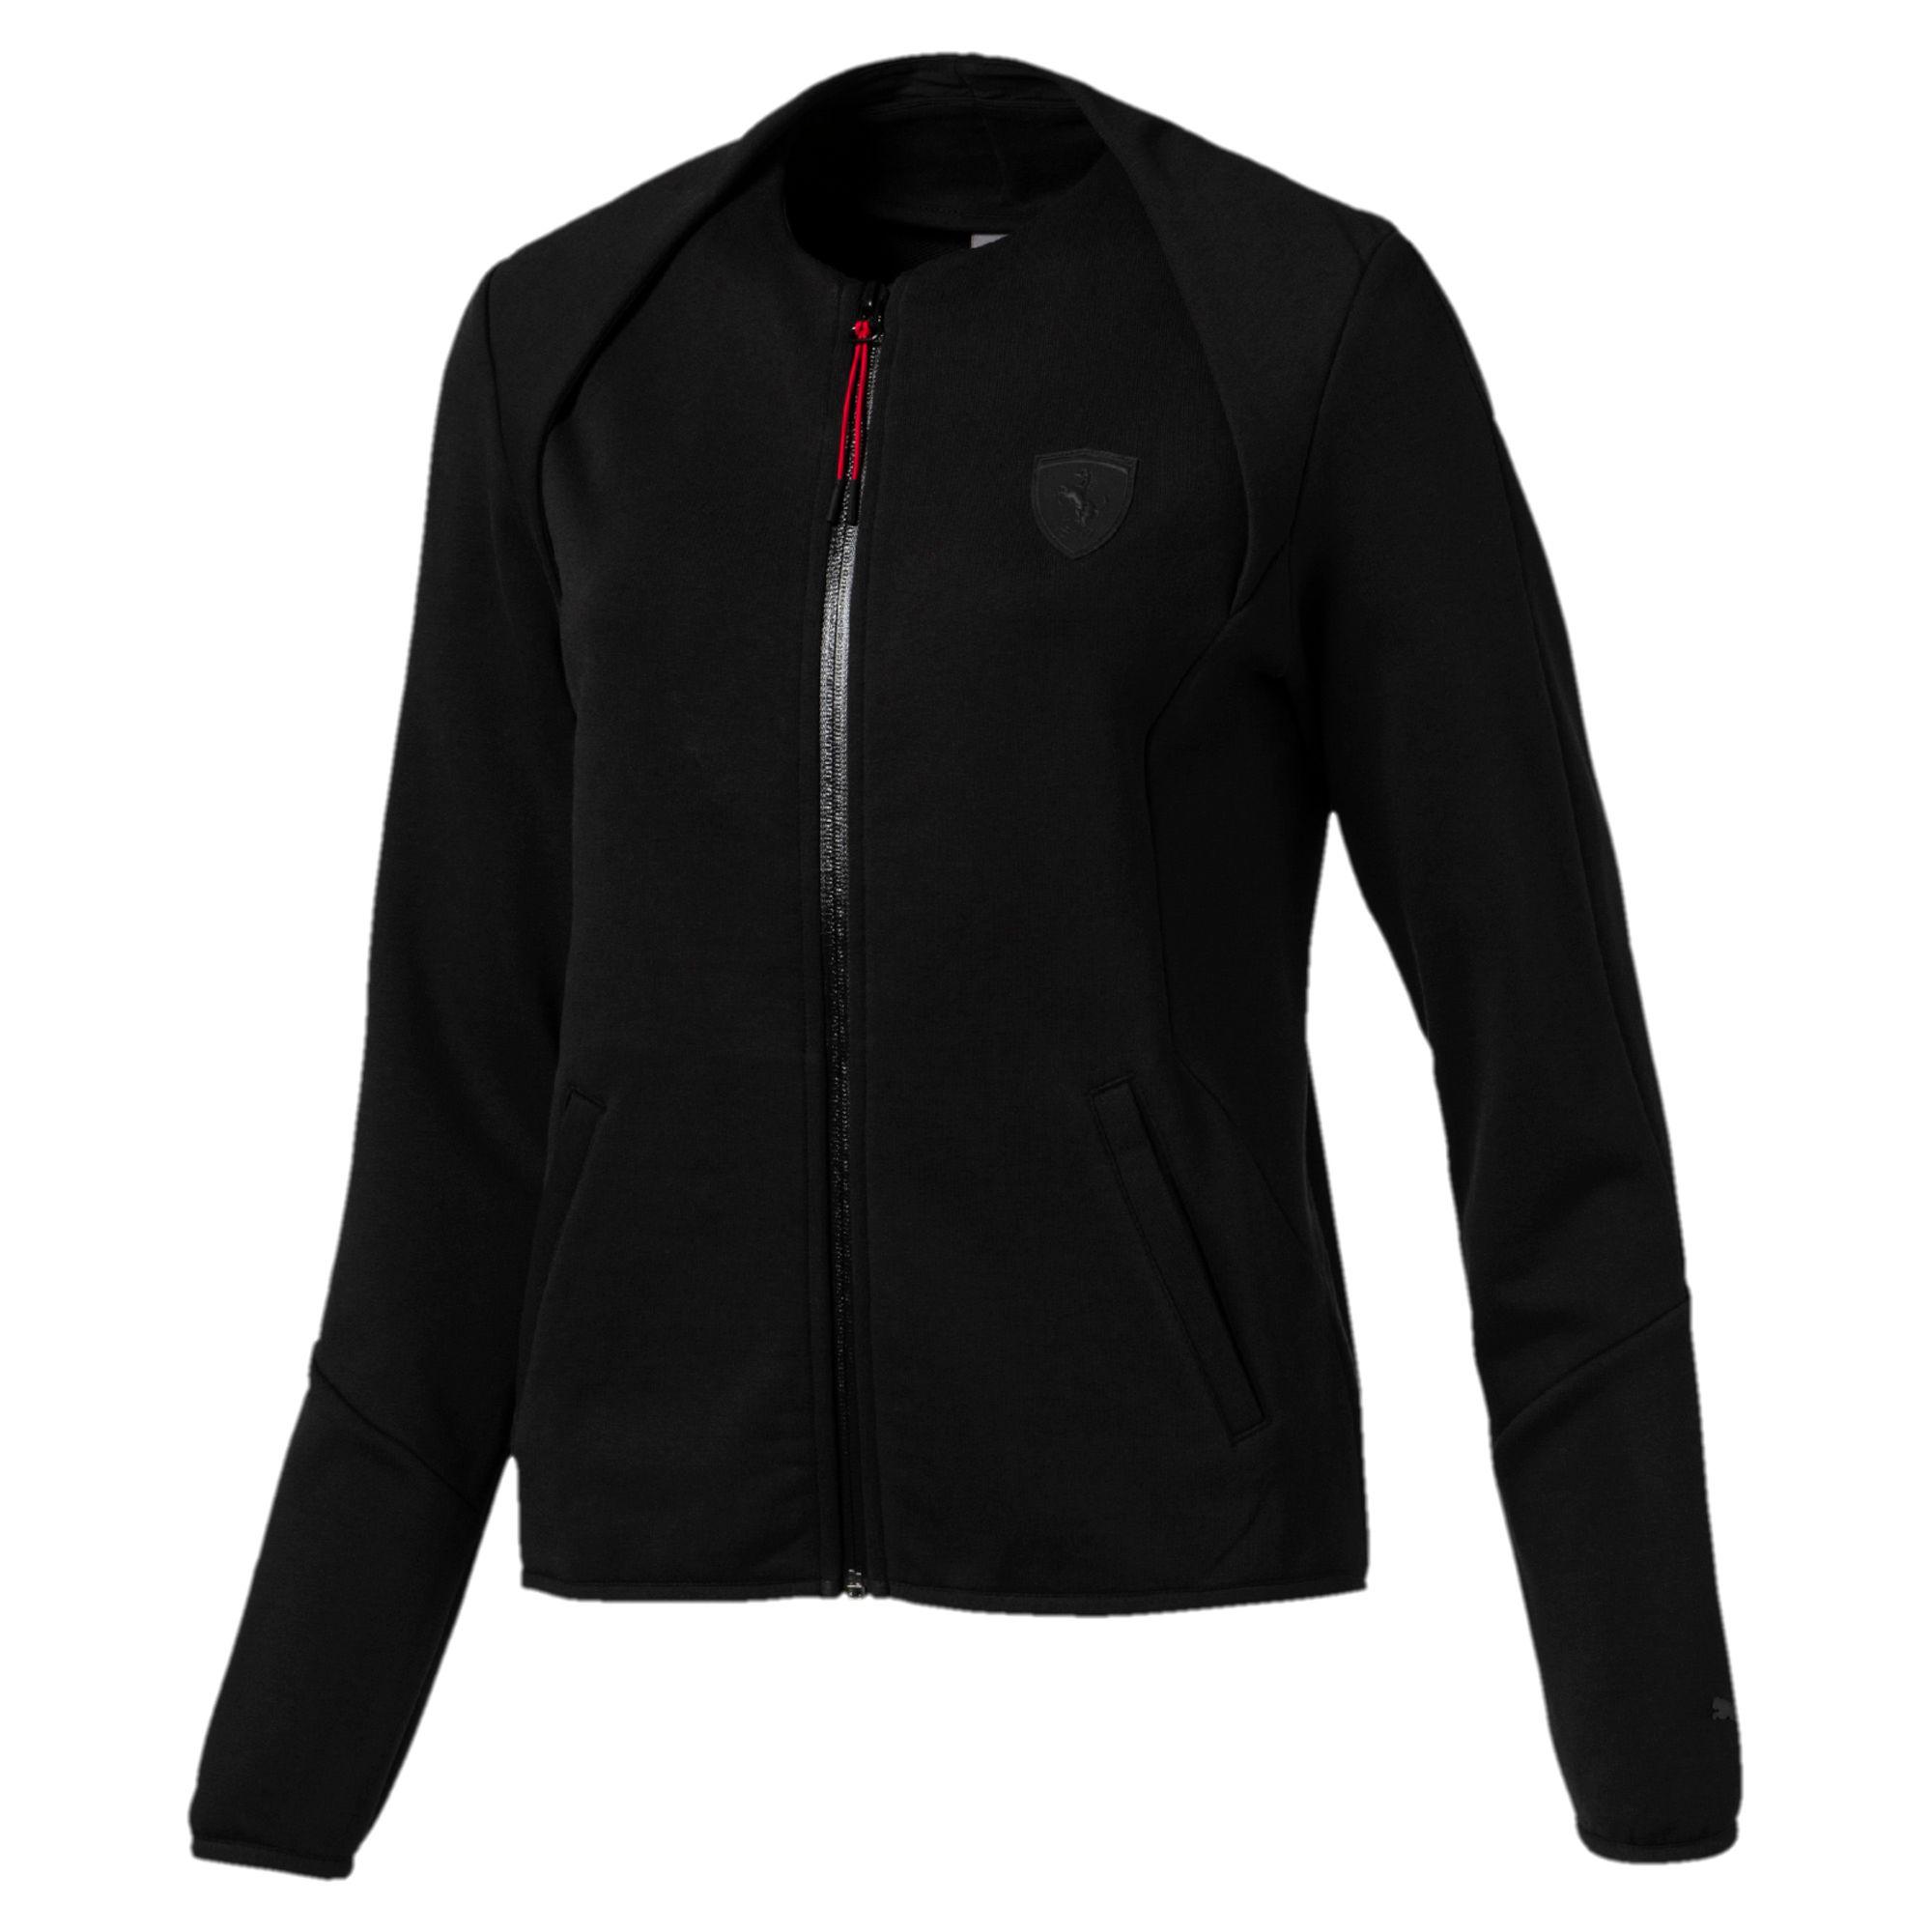 Ferrari Lifestyle Дамы T7 Спортивная Куртка